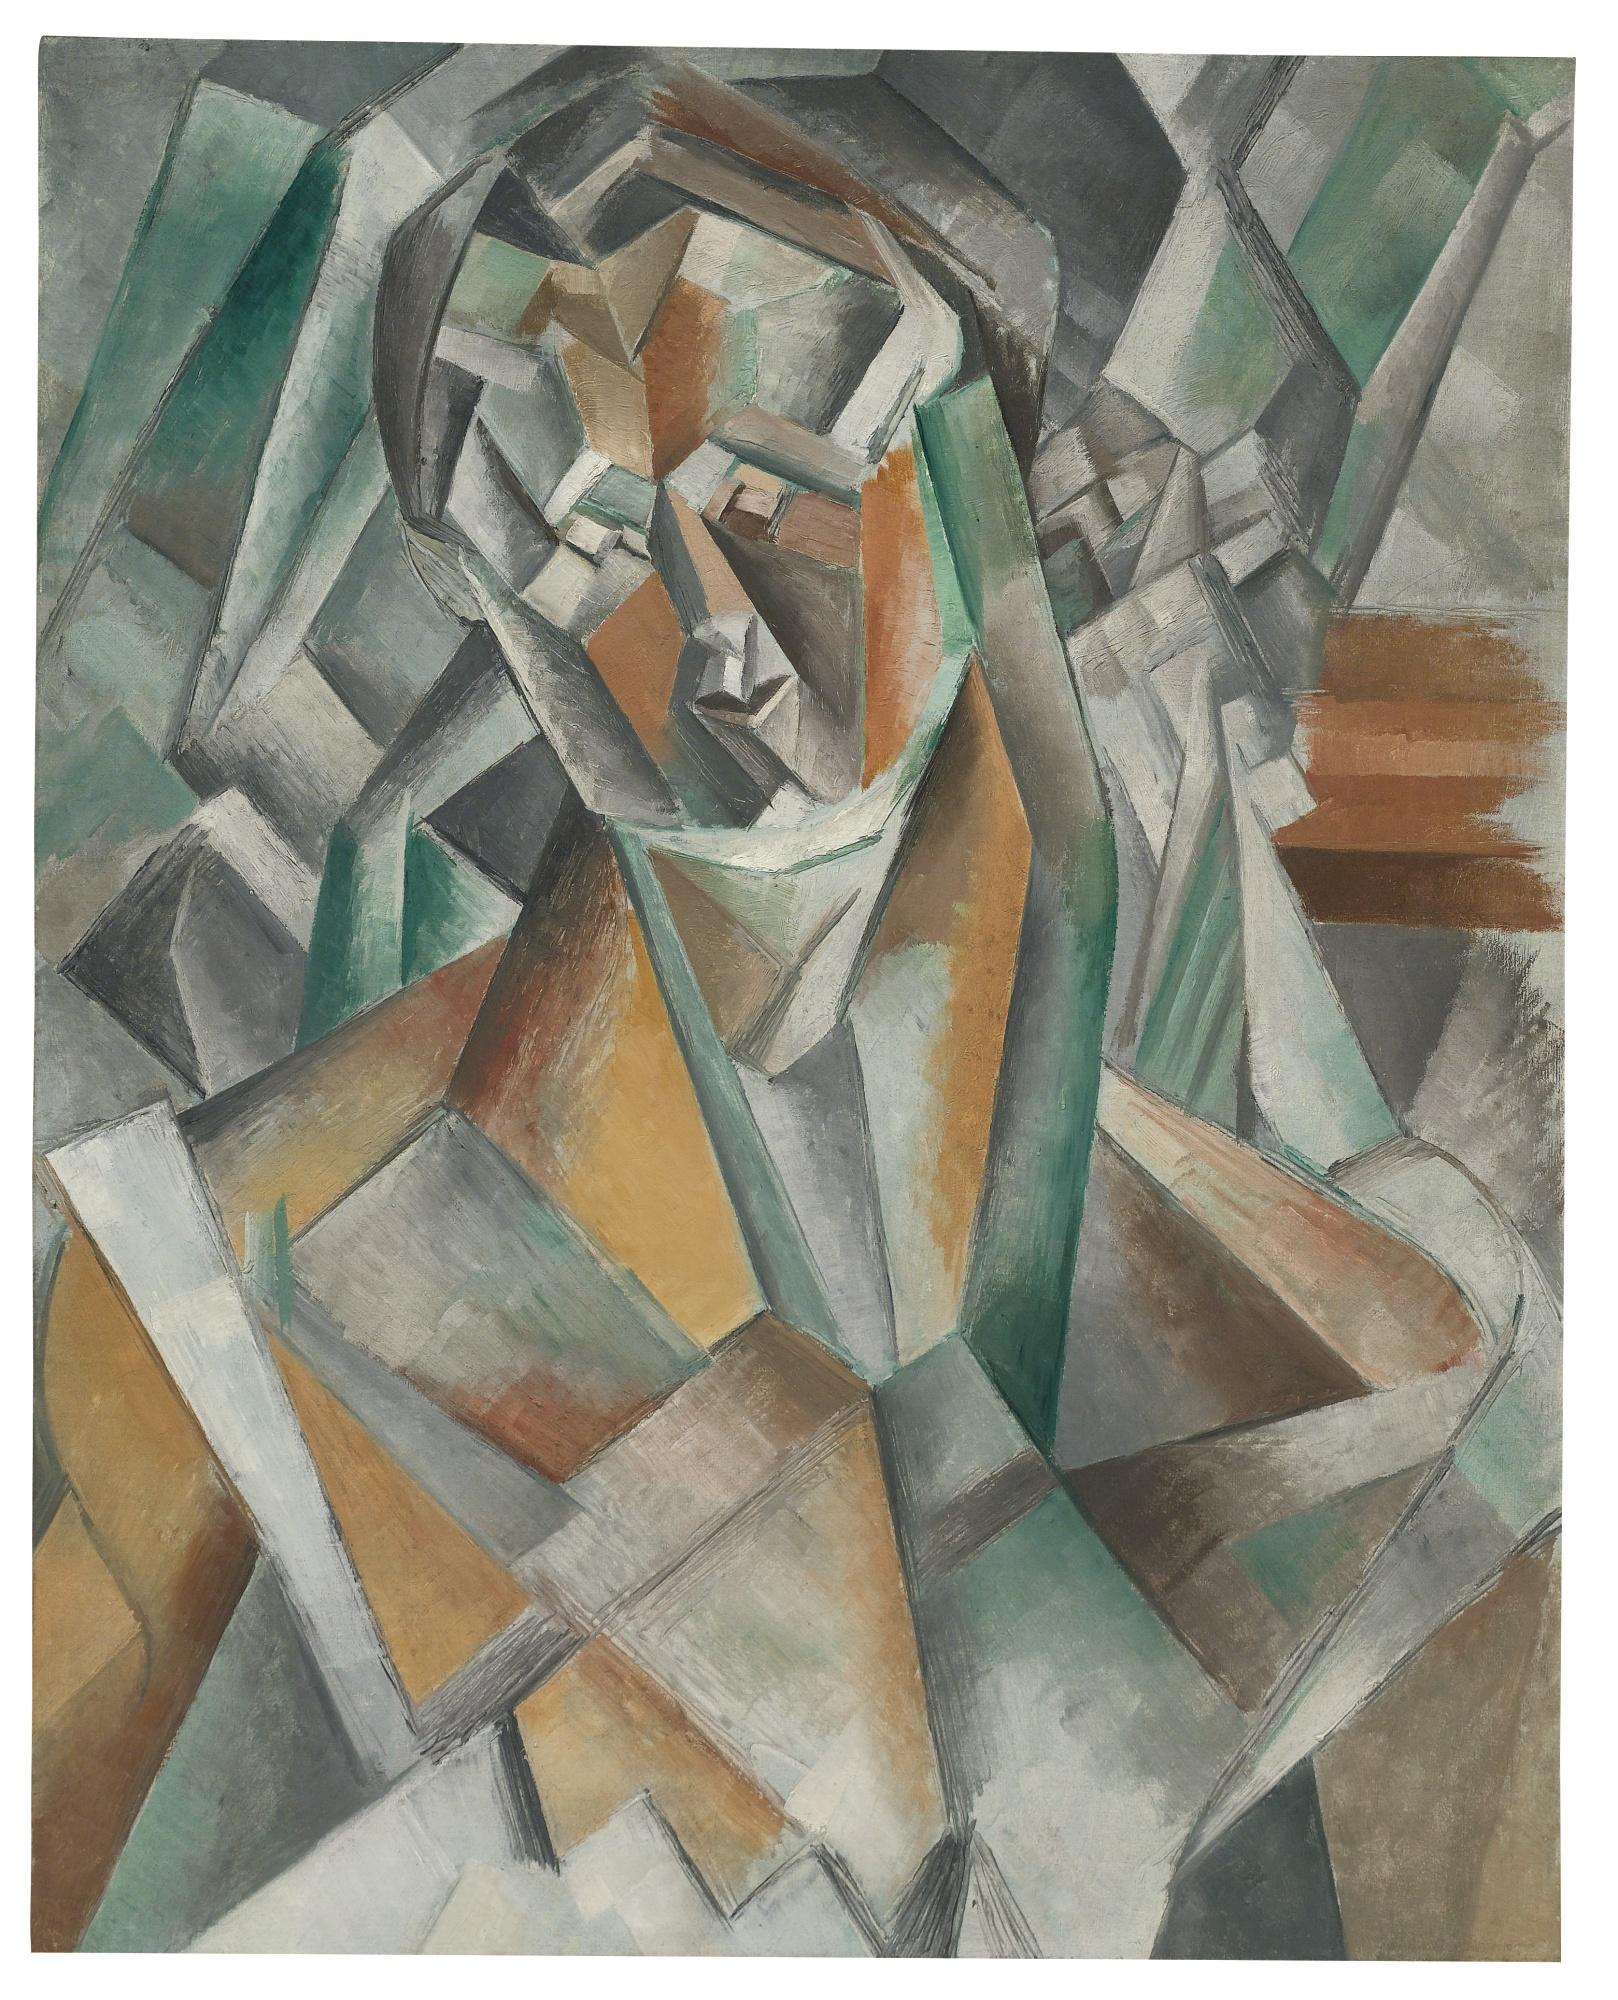 All'origine del Cubismo: il racconto dell'anno che cambiò l'arte